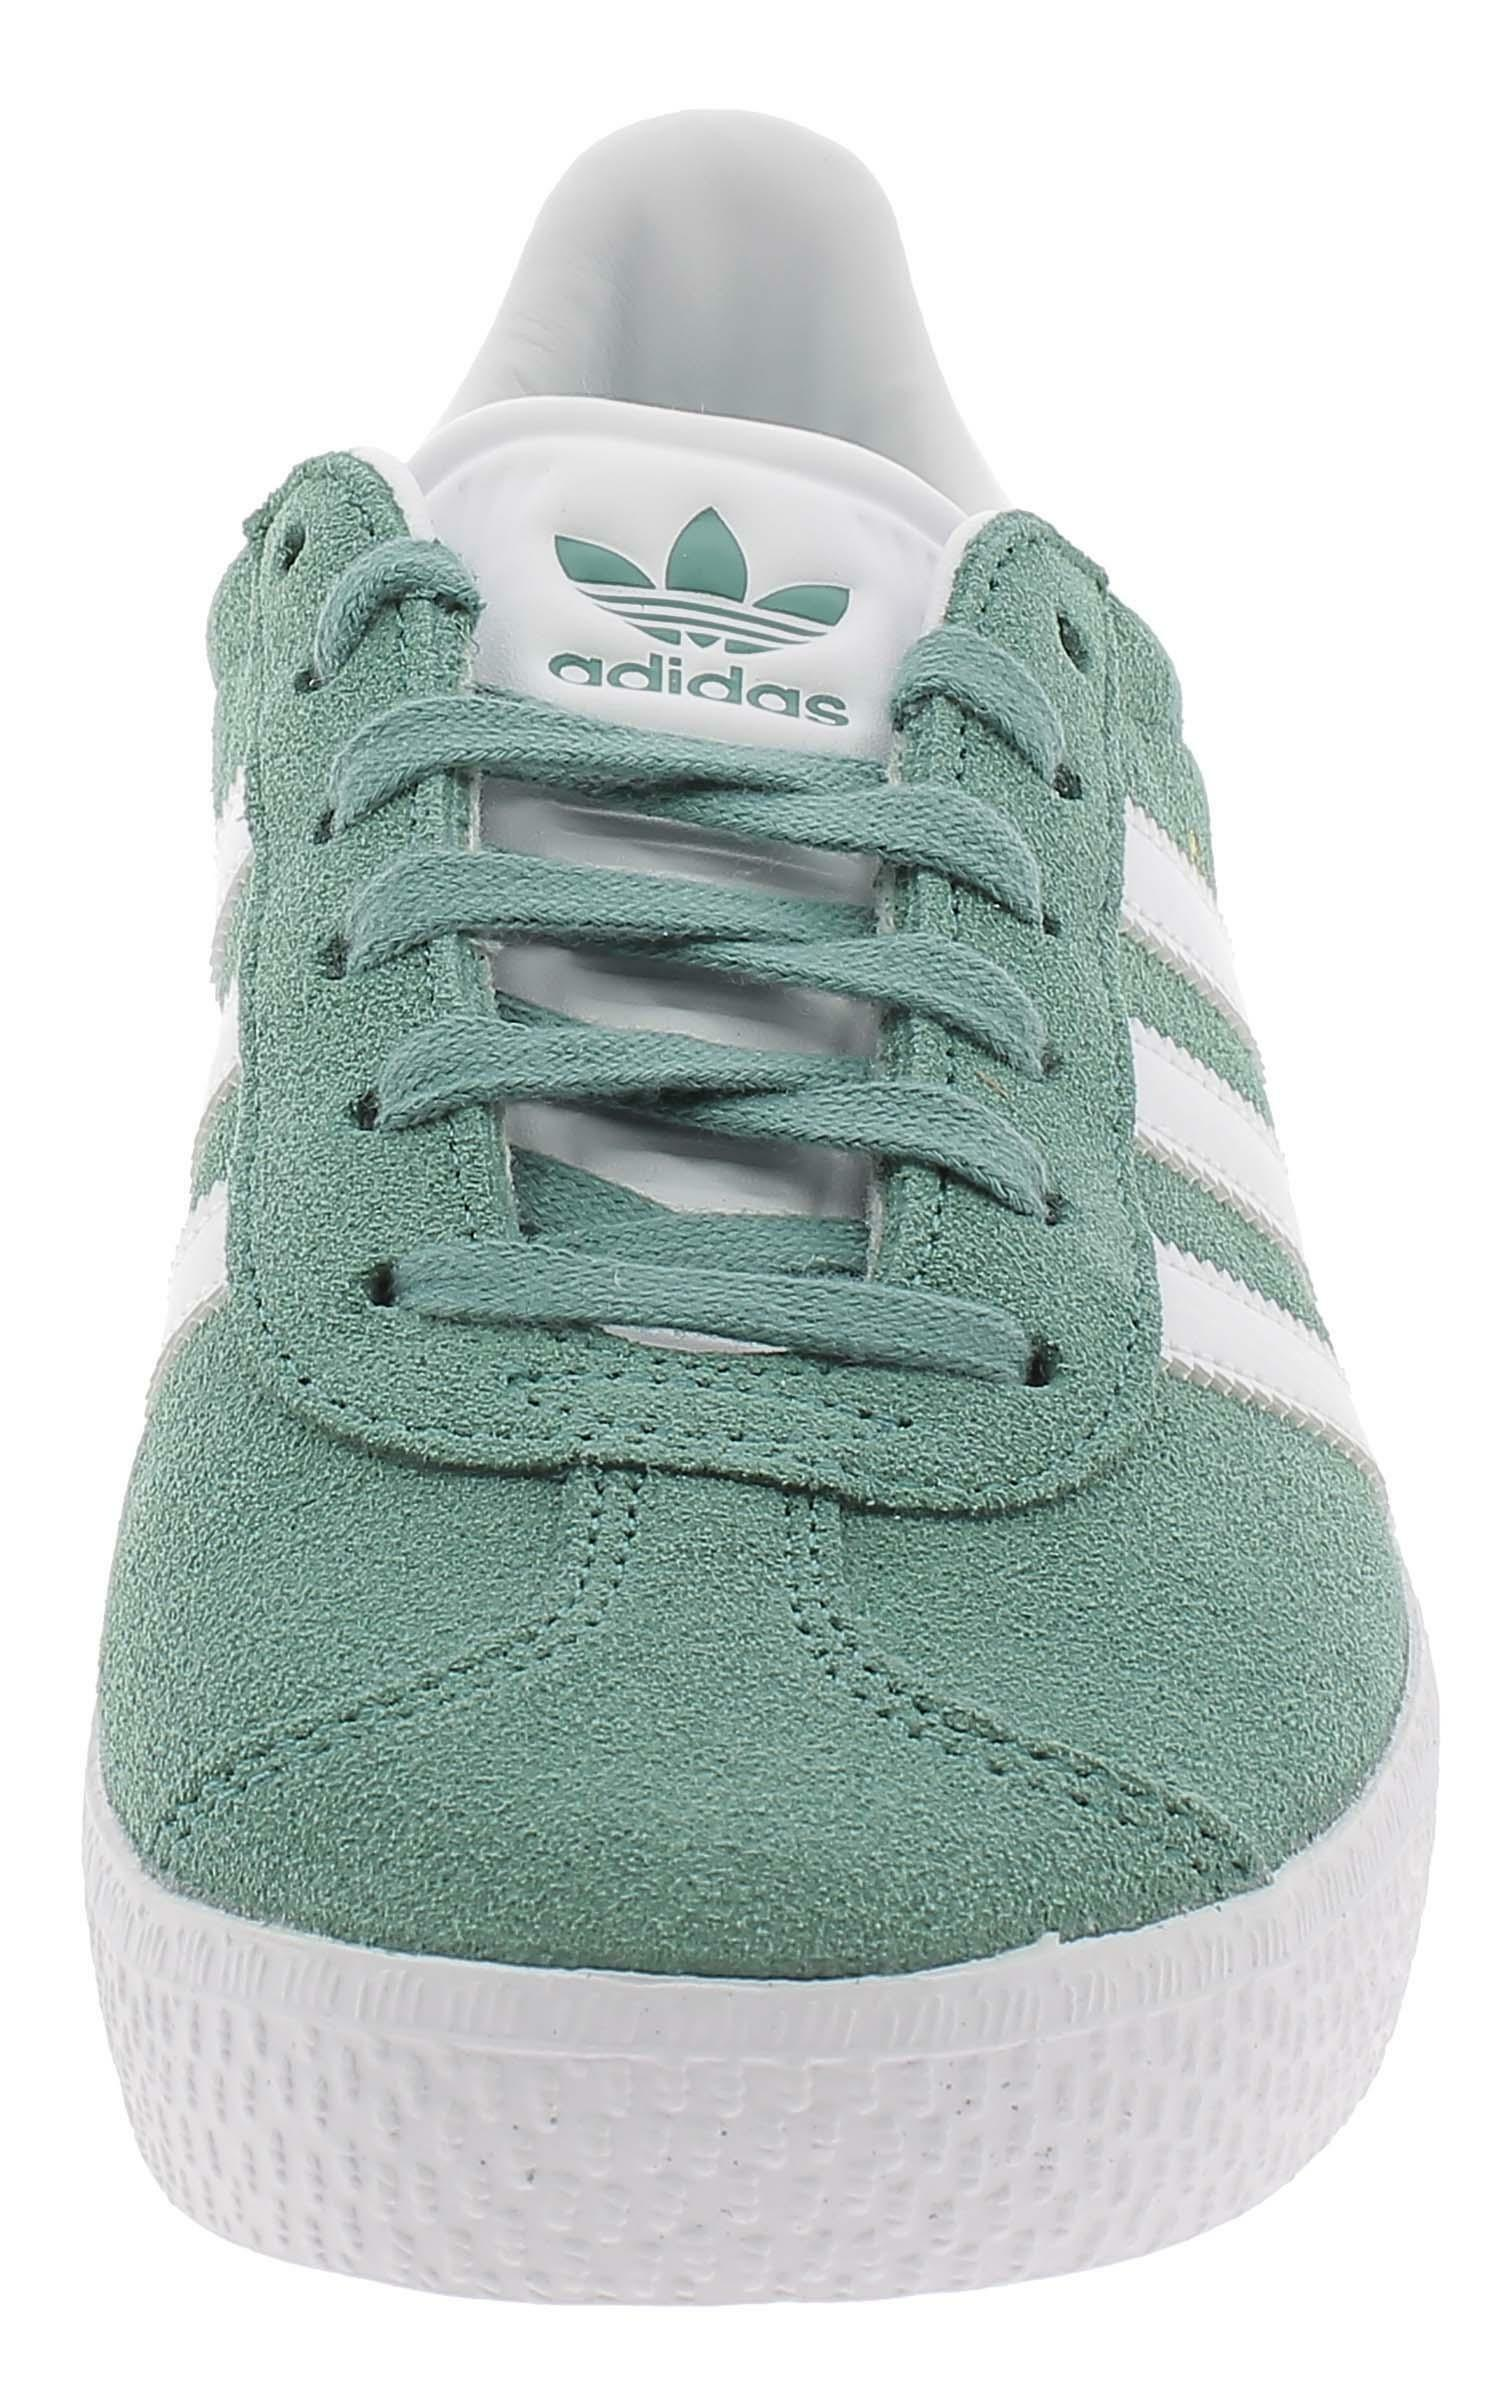 adidas gazelle bambina verde